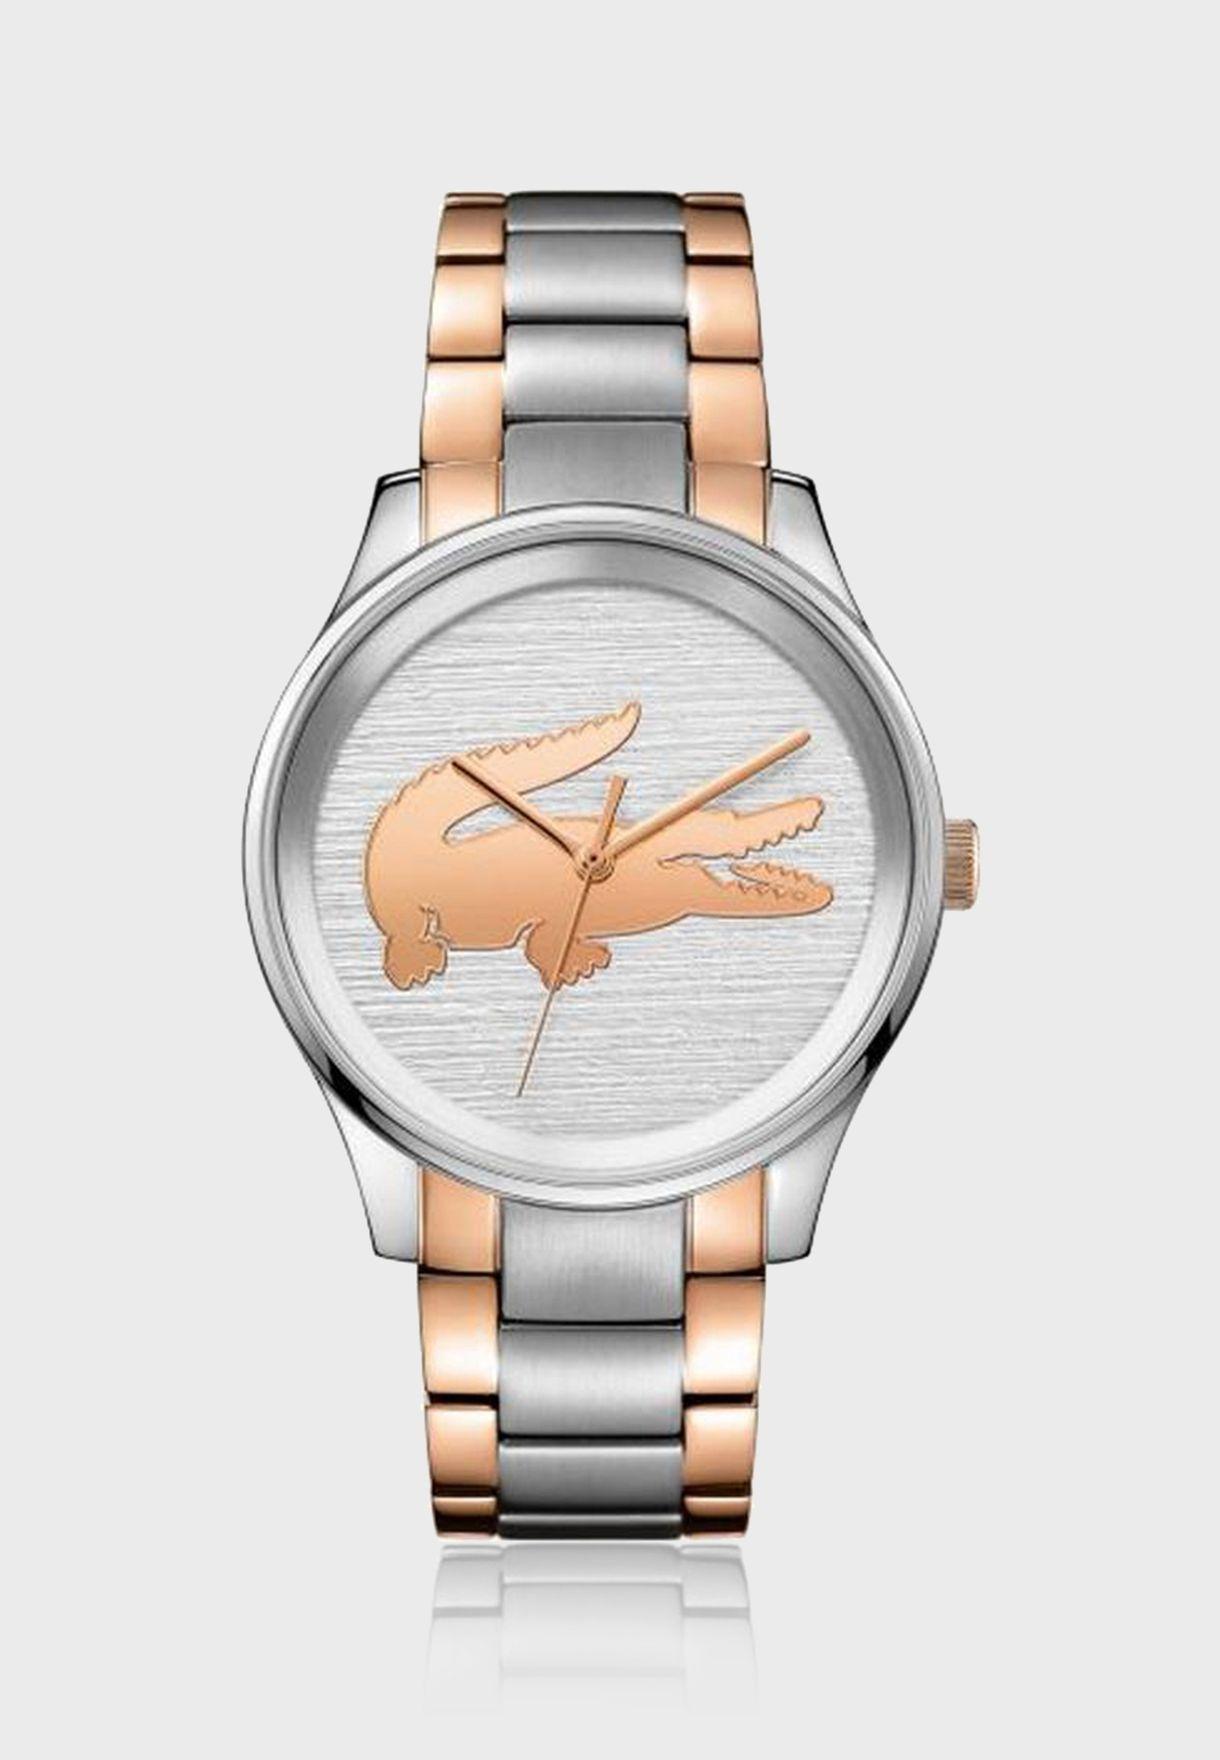 ساعة مزينة بشعار الماركة